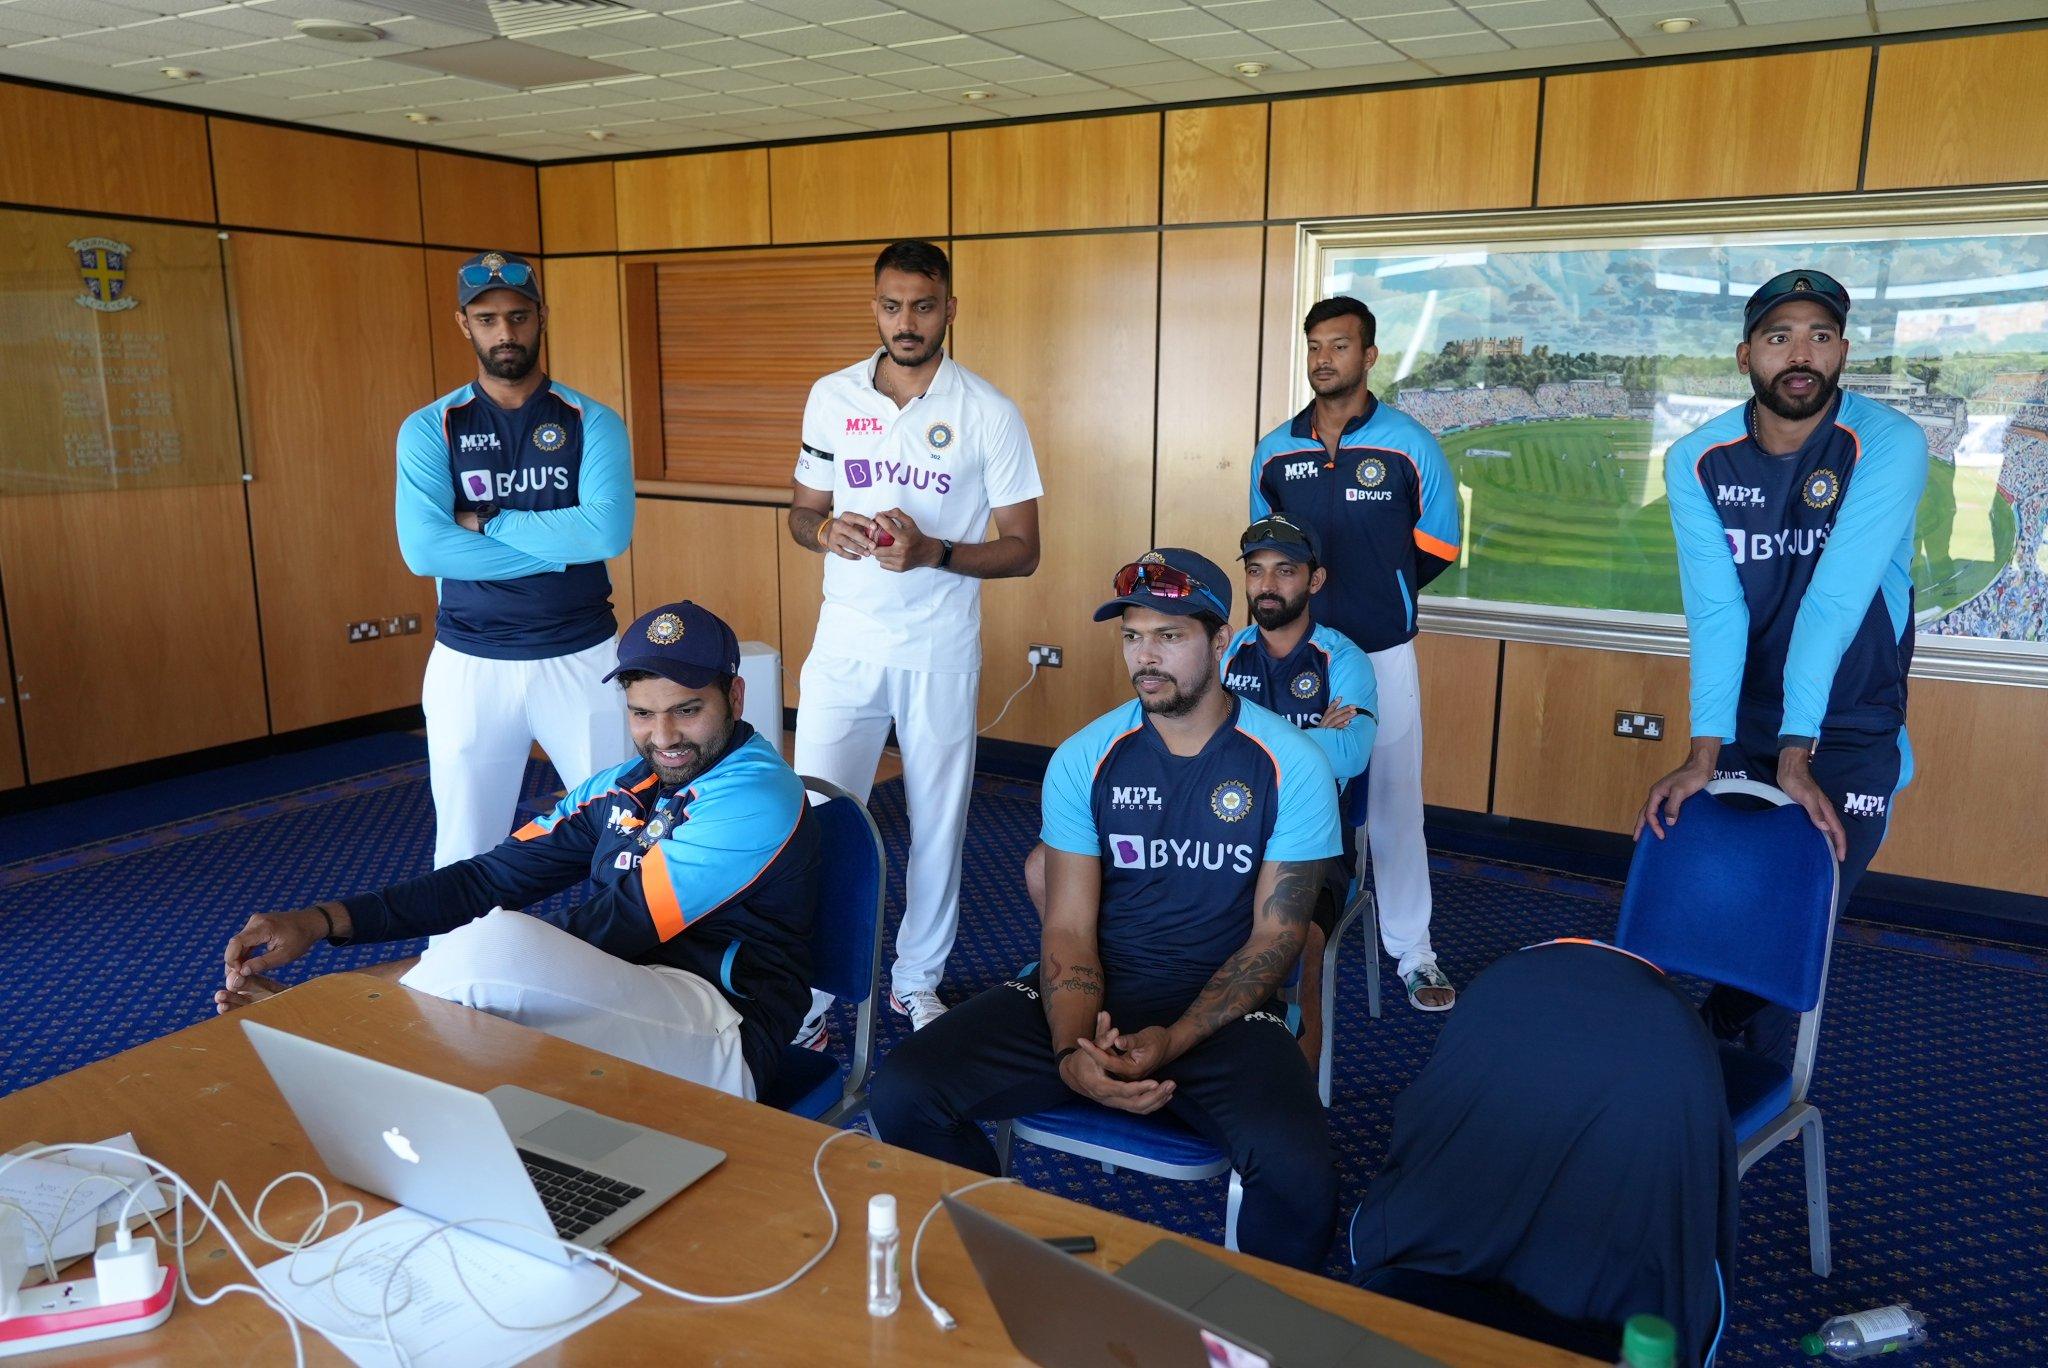 रोहित, उमेश, हनुमा, अक्षर, मयंक, सिराज, रहाणे श्रीलंका के खिलाफ भारत की बैटिंग देखते हुए।